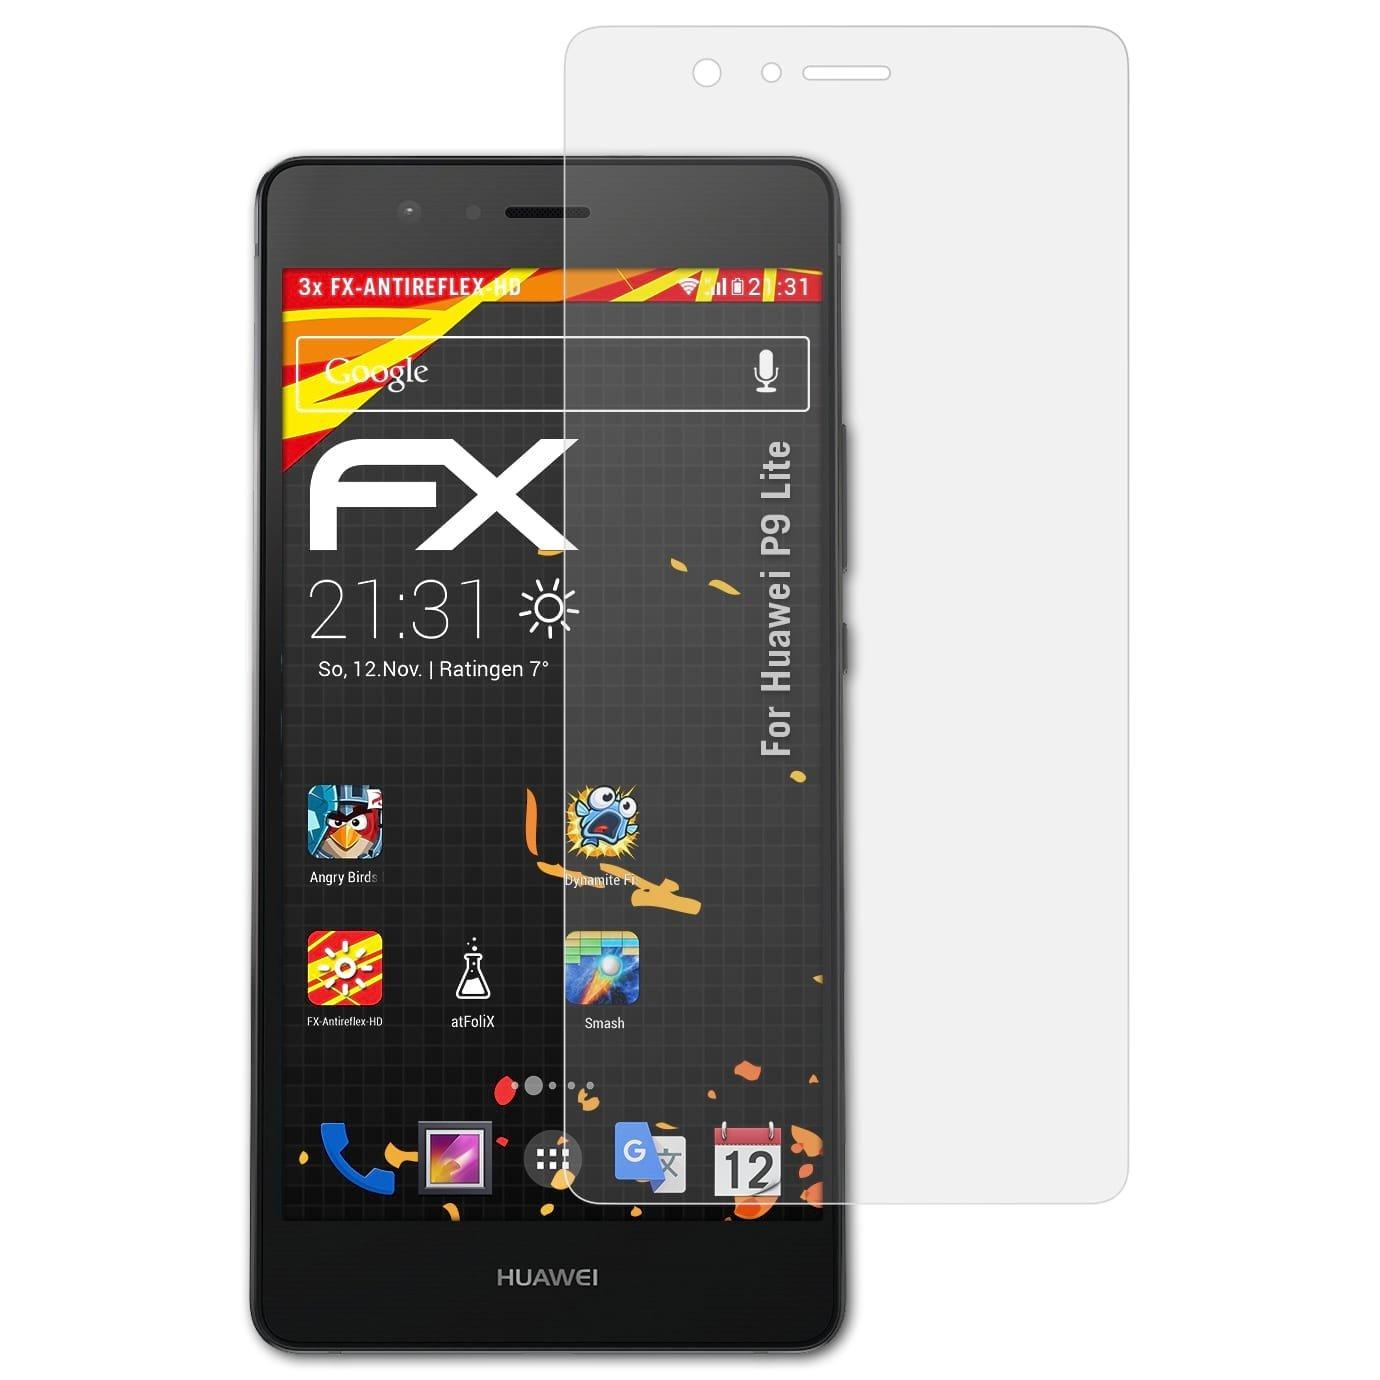 Atfolix 3x Displayschutzfolie Für Huawei P9 Max Schutzfolie Fx-antireflex-hd Verkaufspreis Computer, Tablets & Netzwerk Handy-zubehör